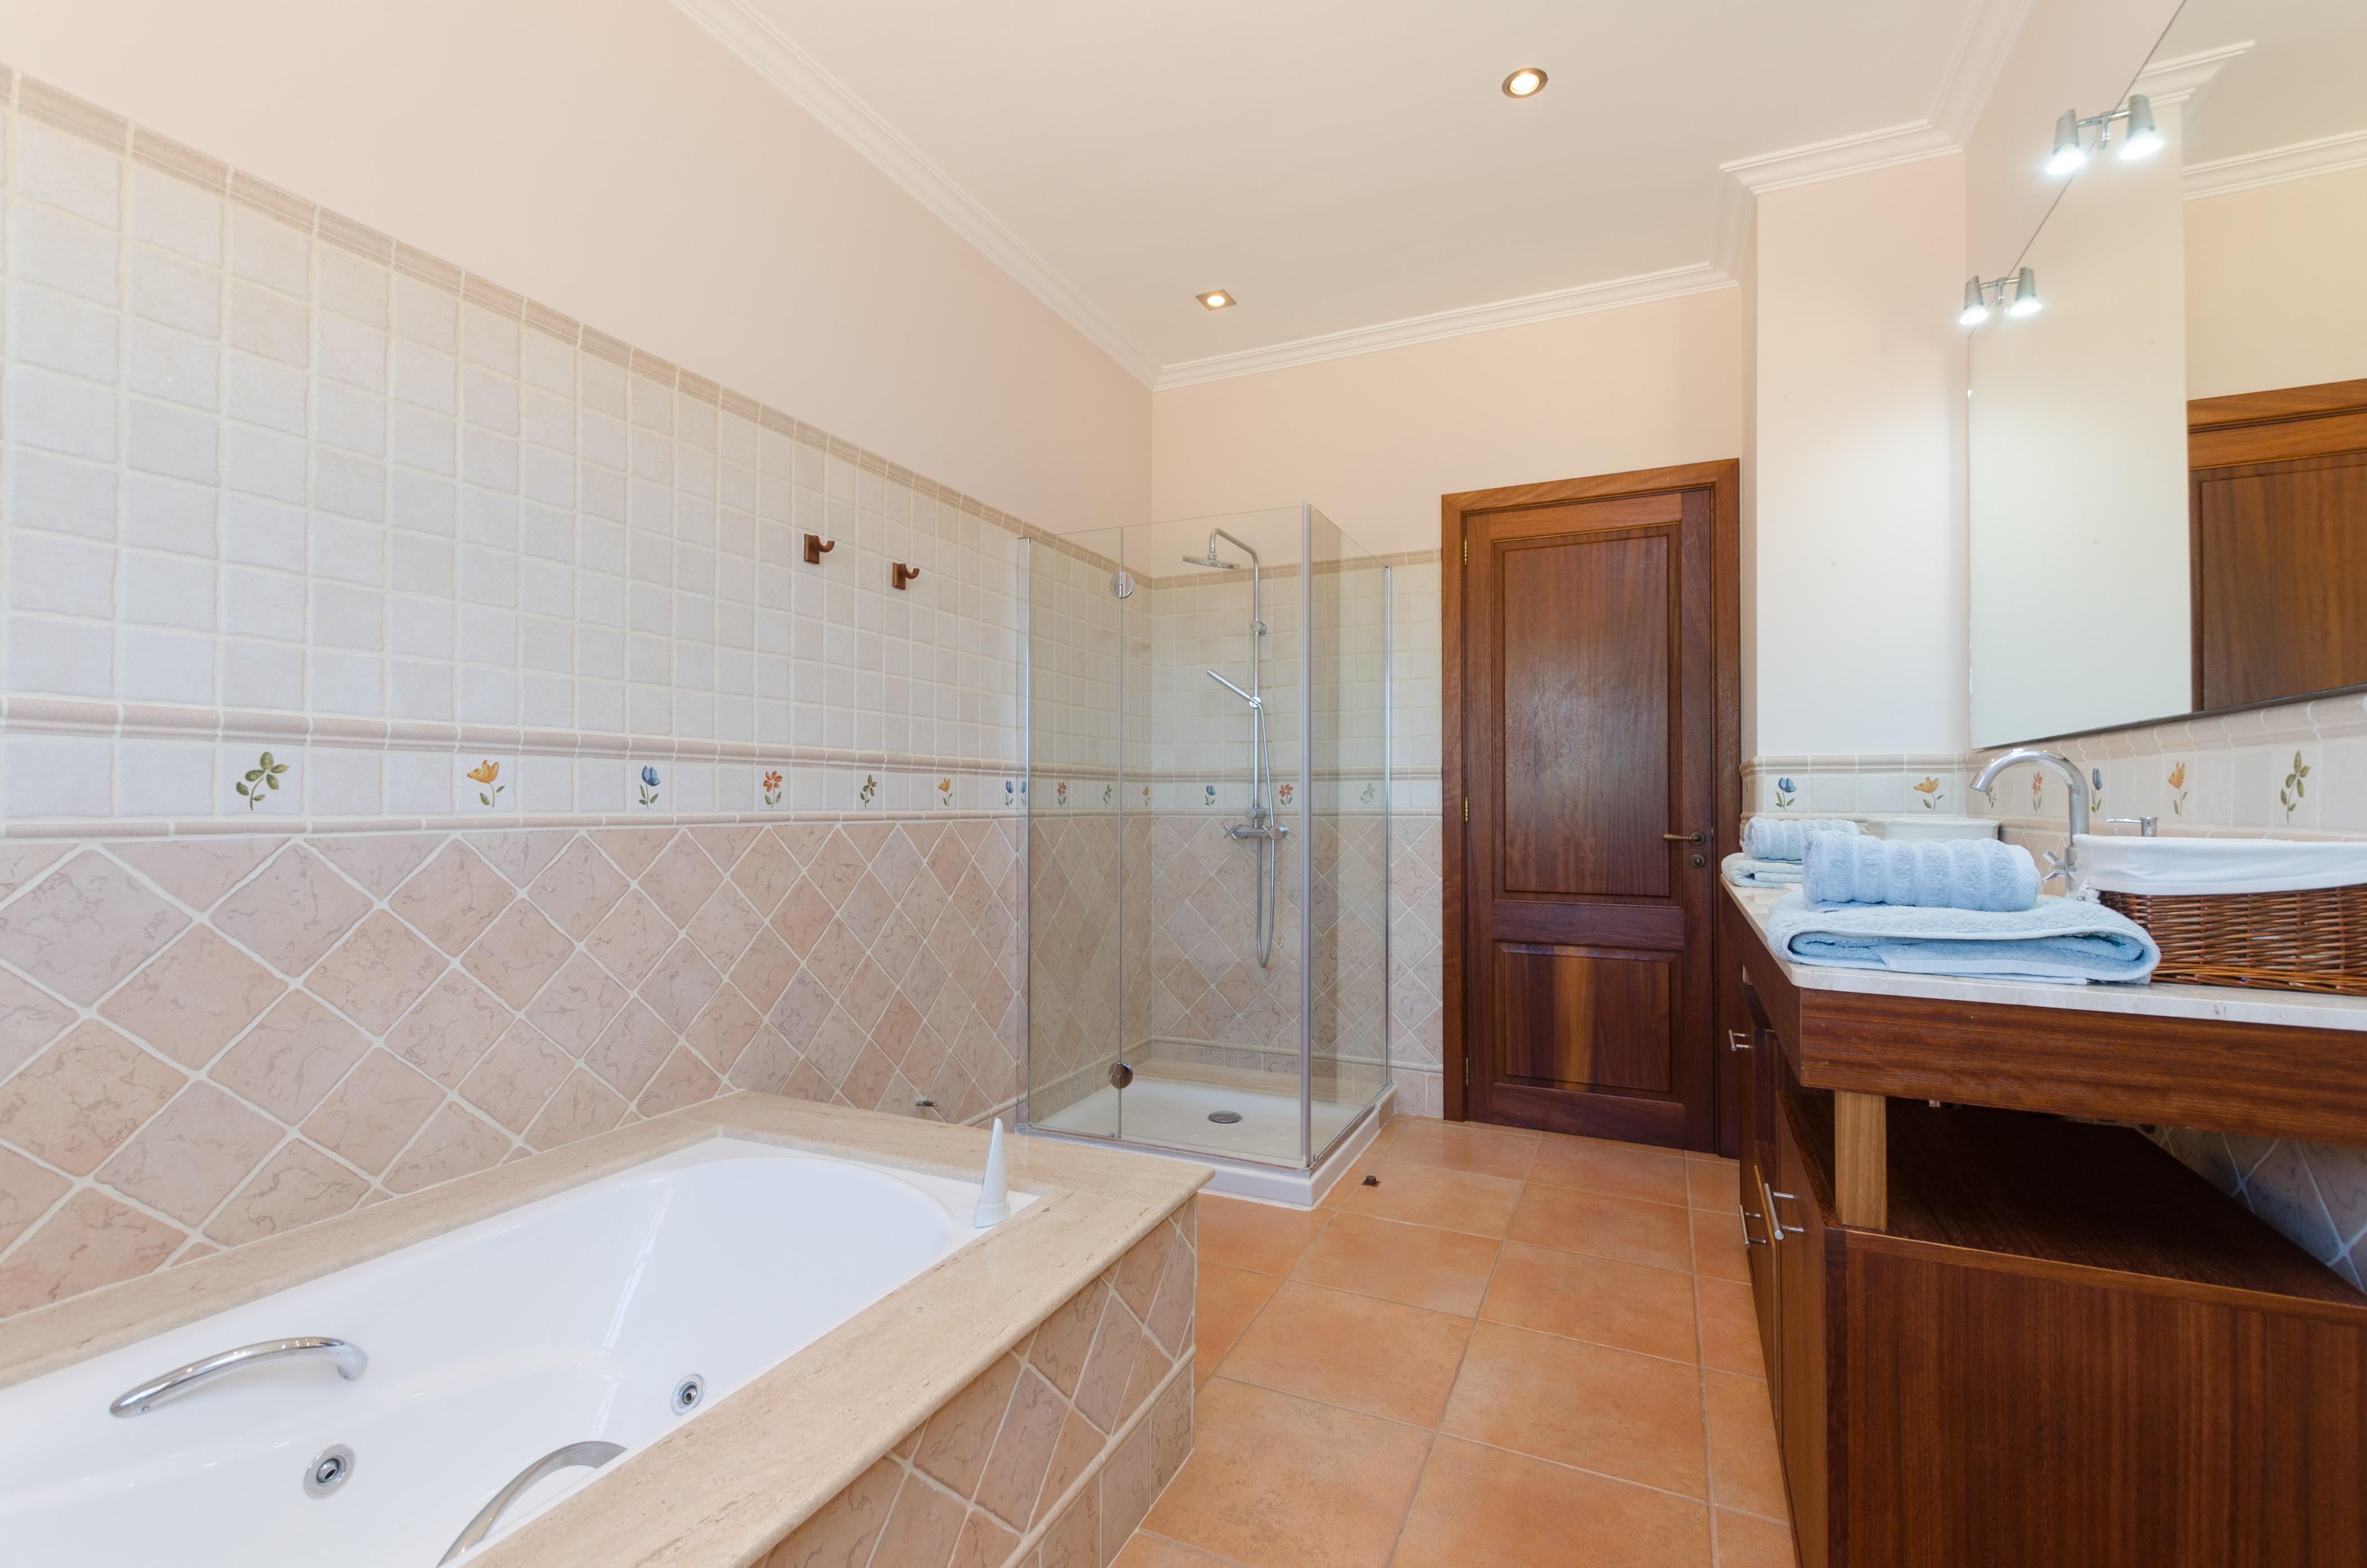 Maison de vacances ES VEDAT (2632993), Lloret de Vistalegre, Majorque, Iles Baléares, Espagne, image 34